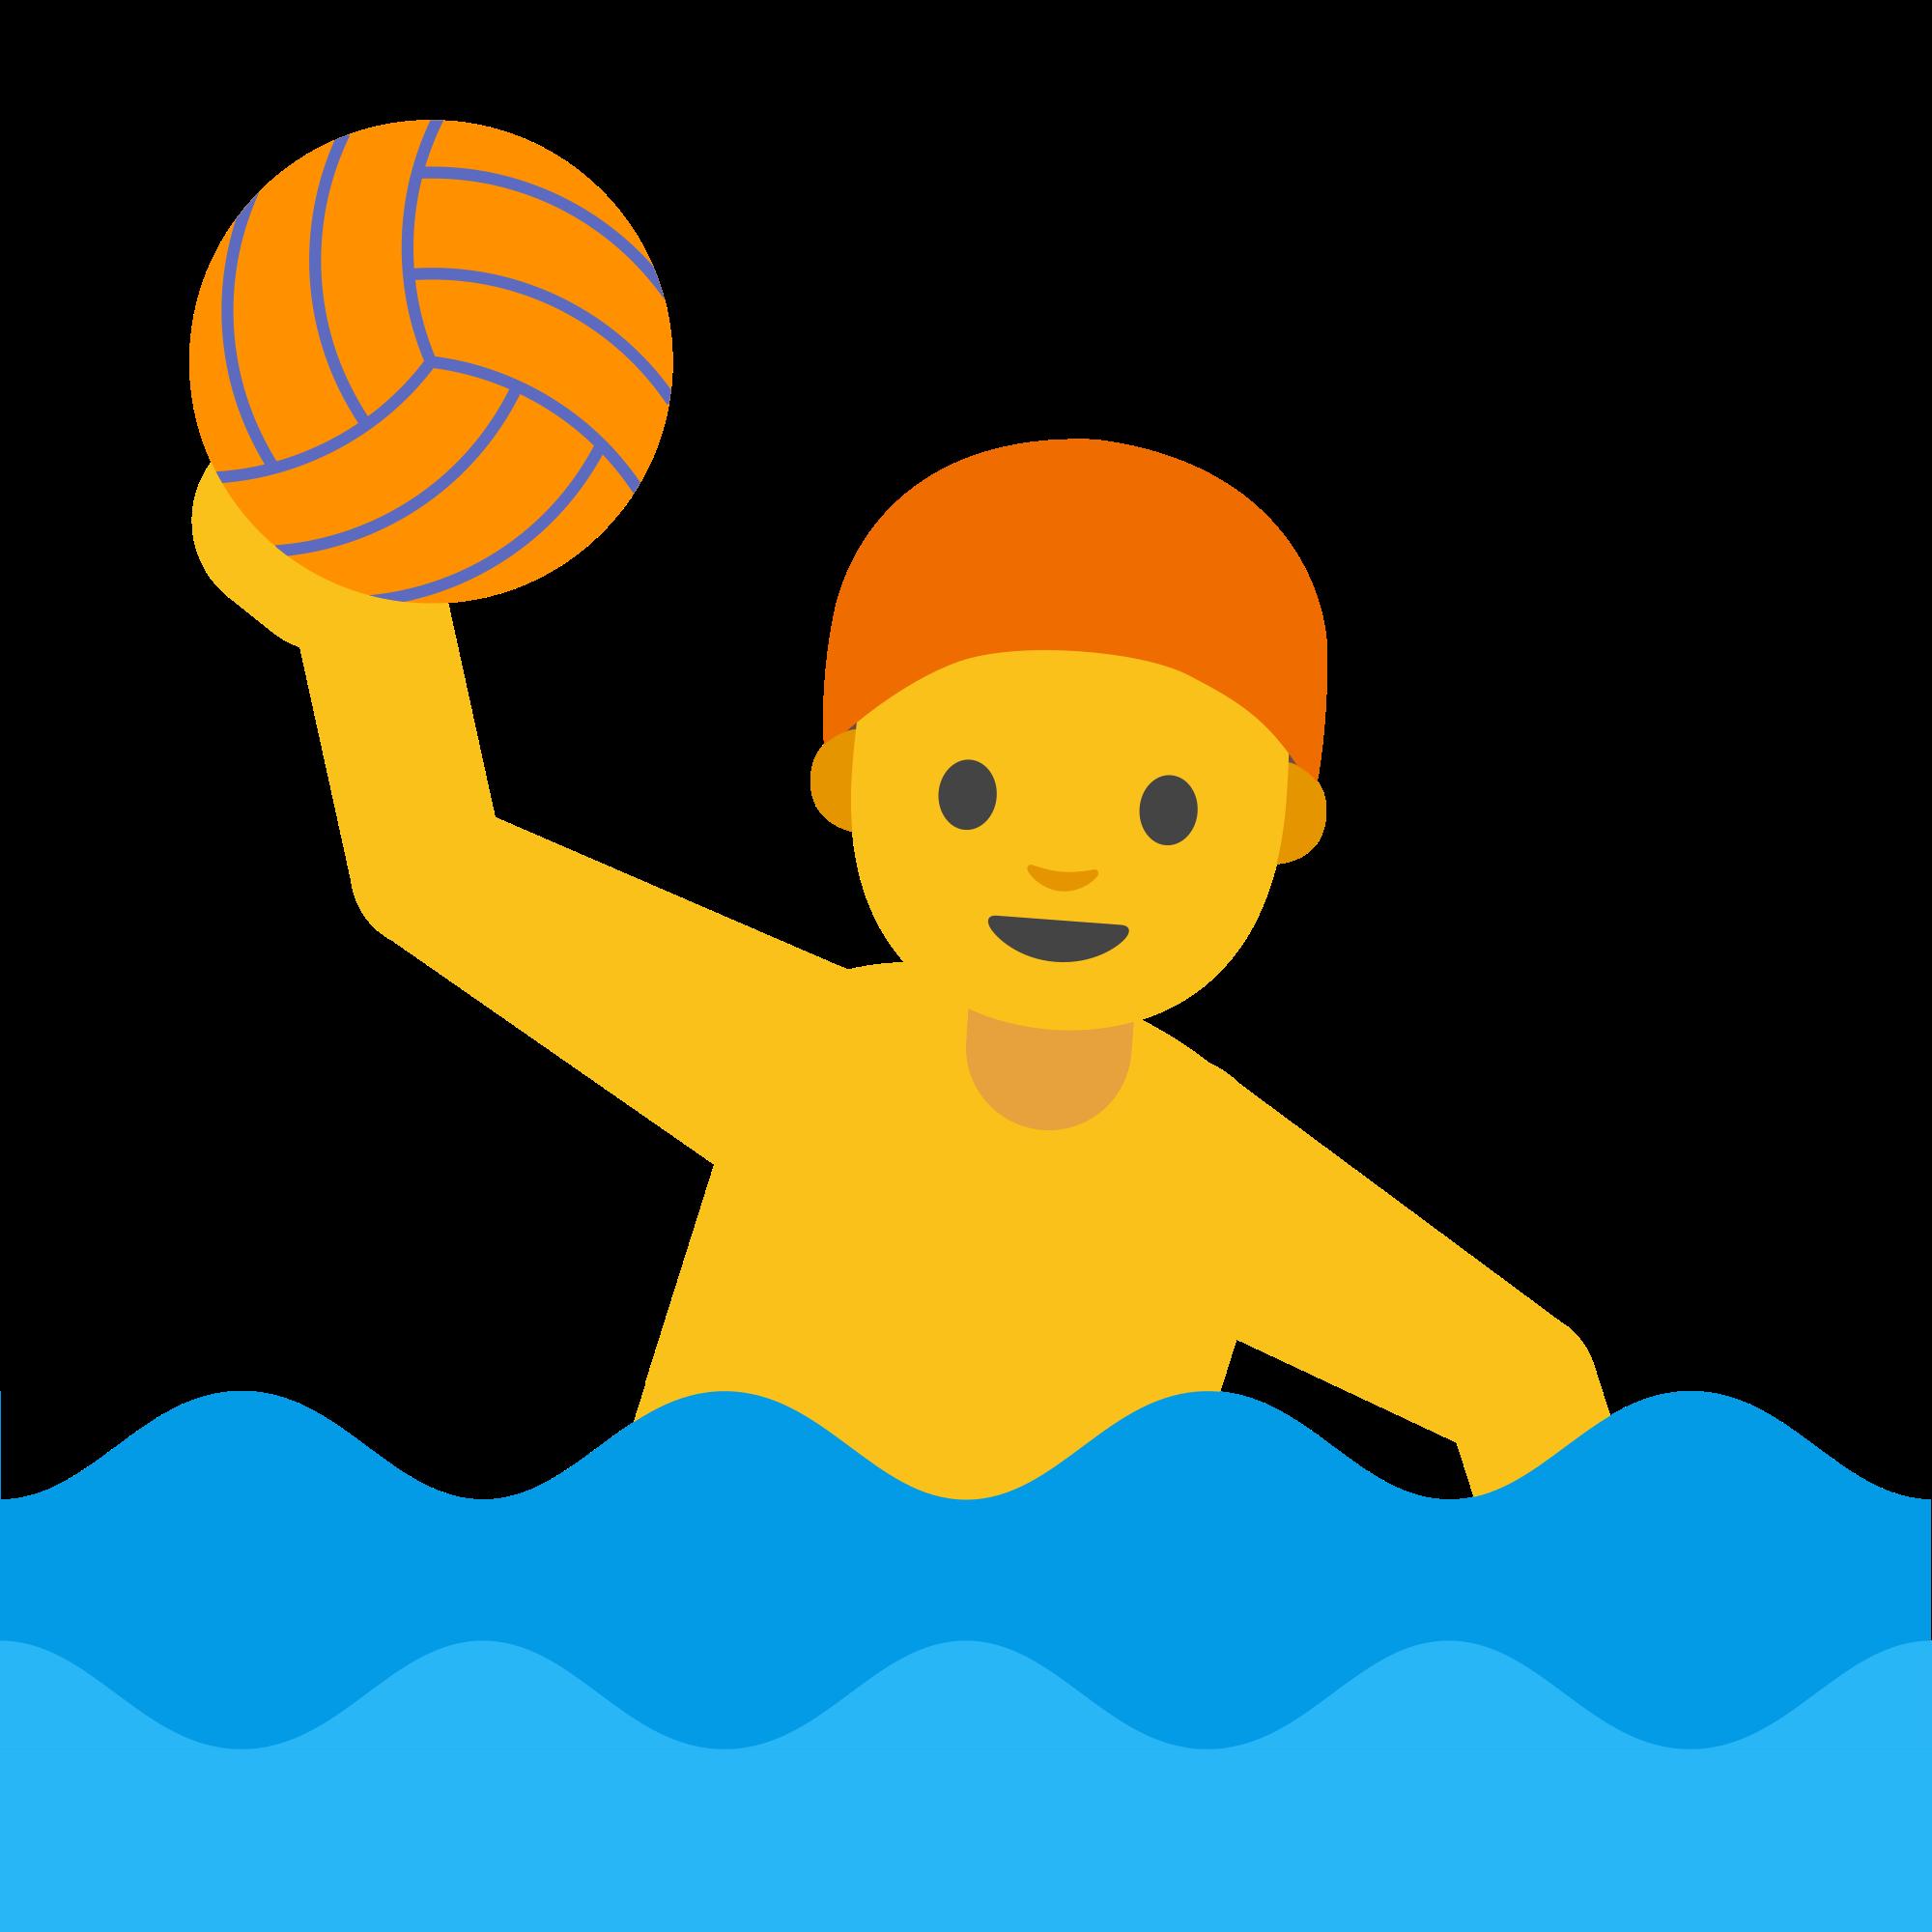 File u f d. Volleyball clipart emoji